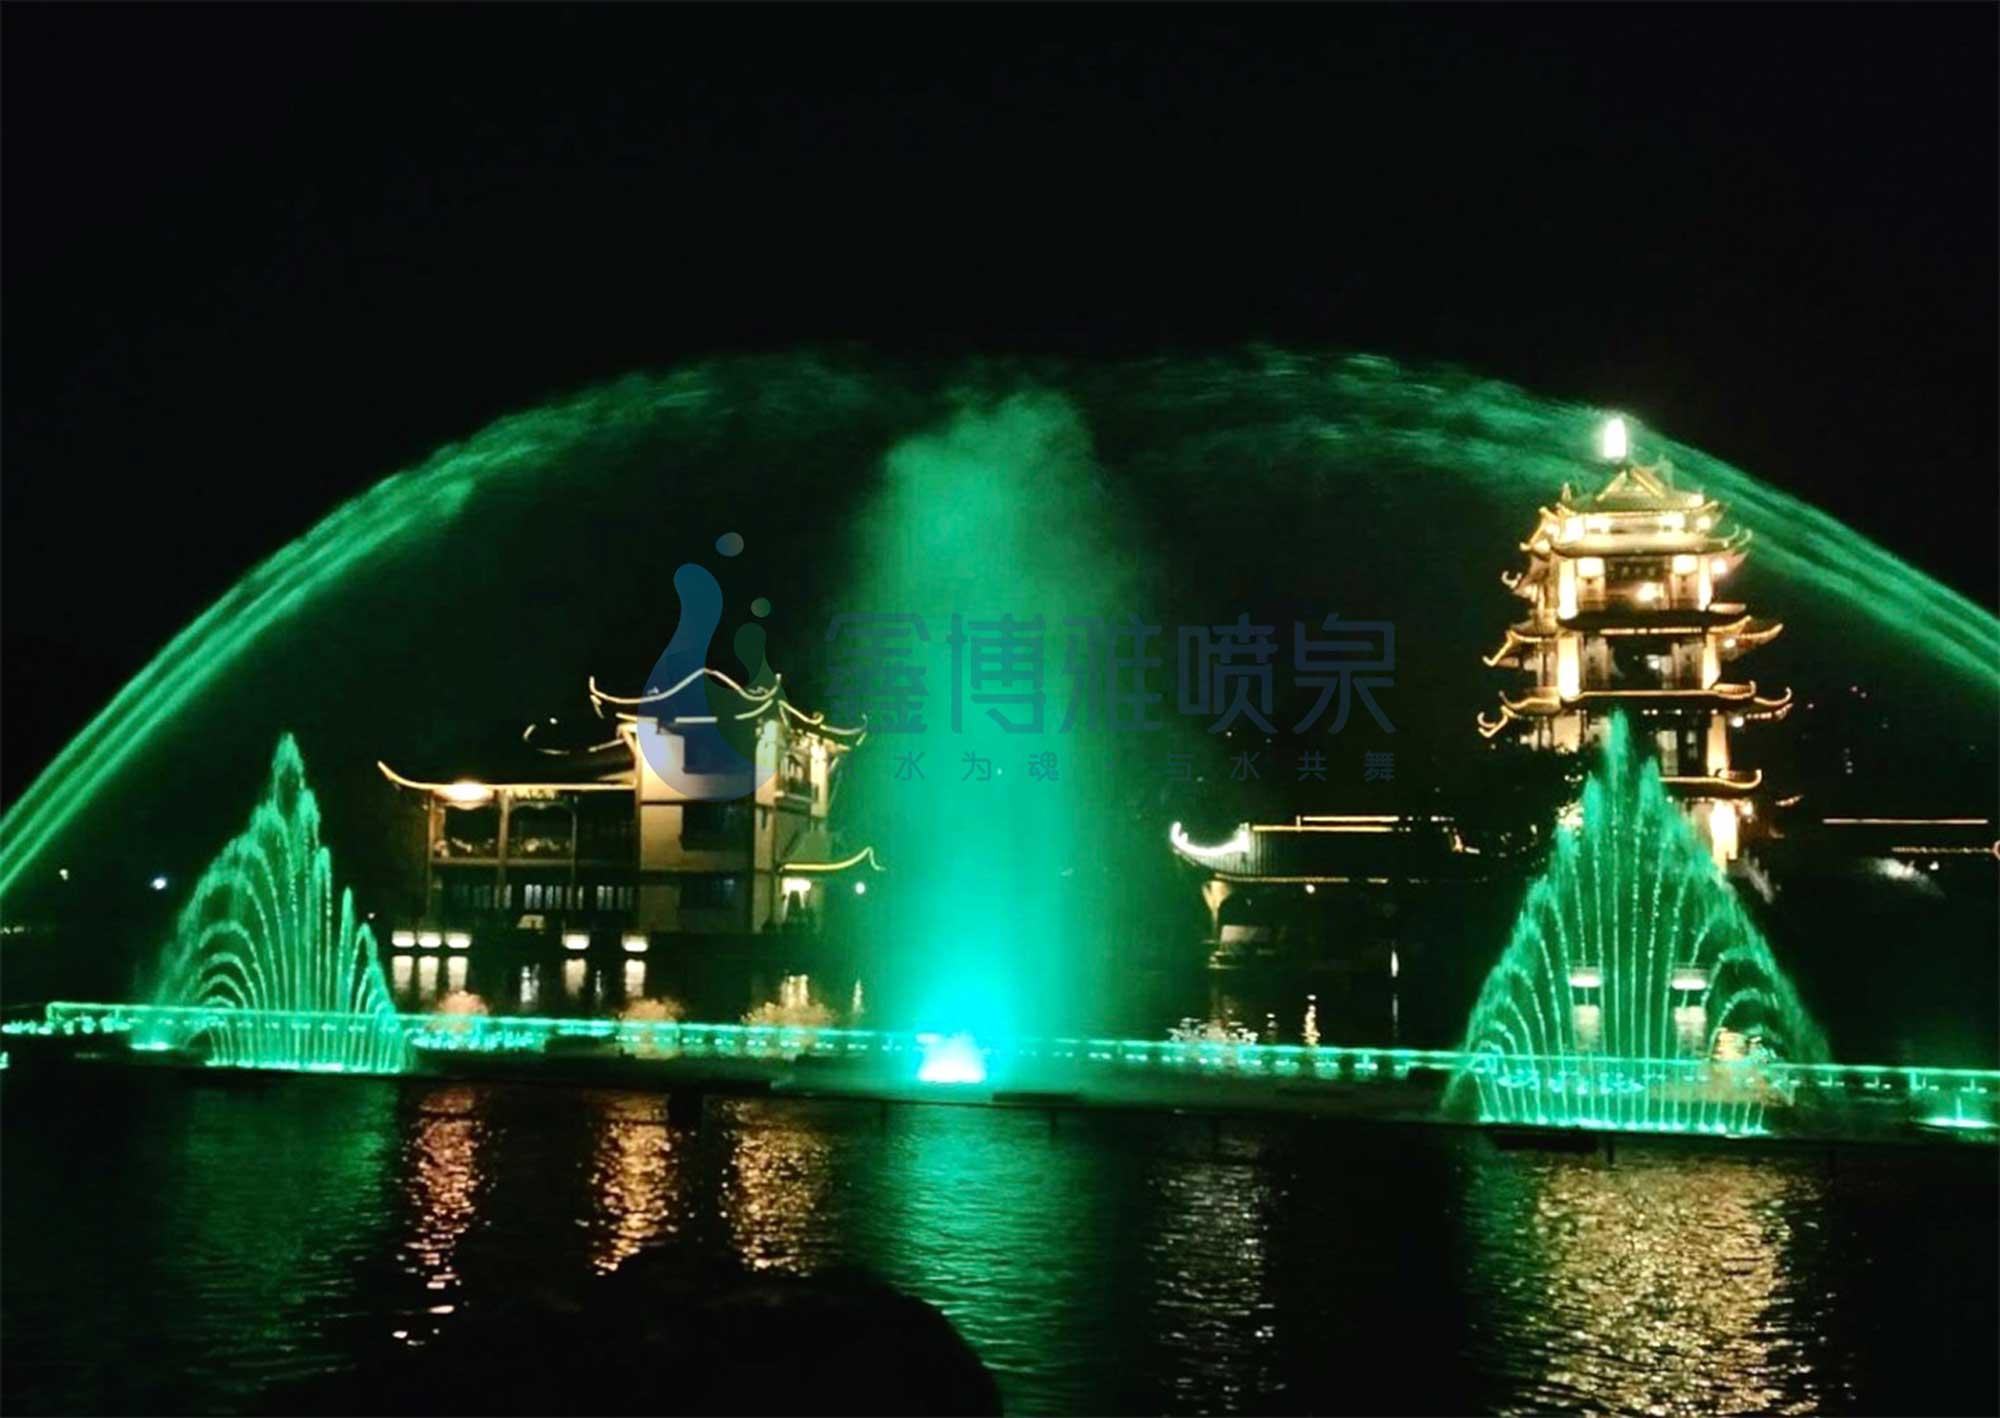 深圳燕川公园水幕激光音乐喷泉调试运行...